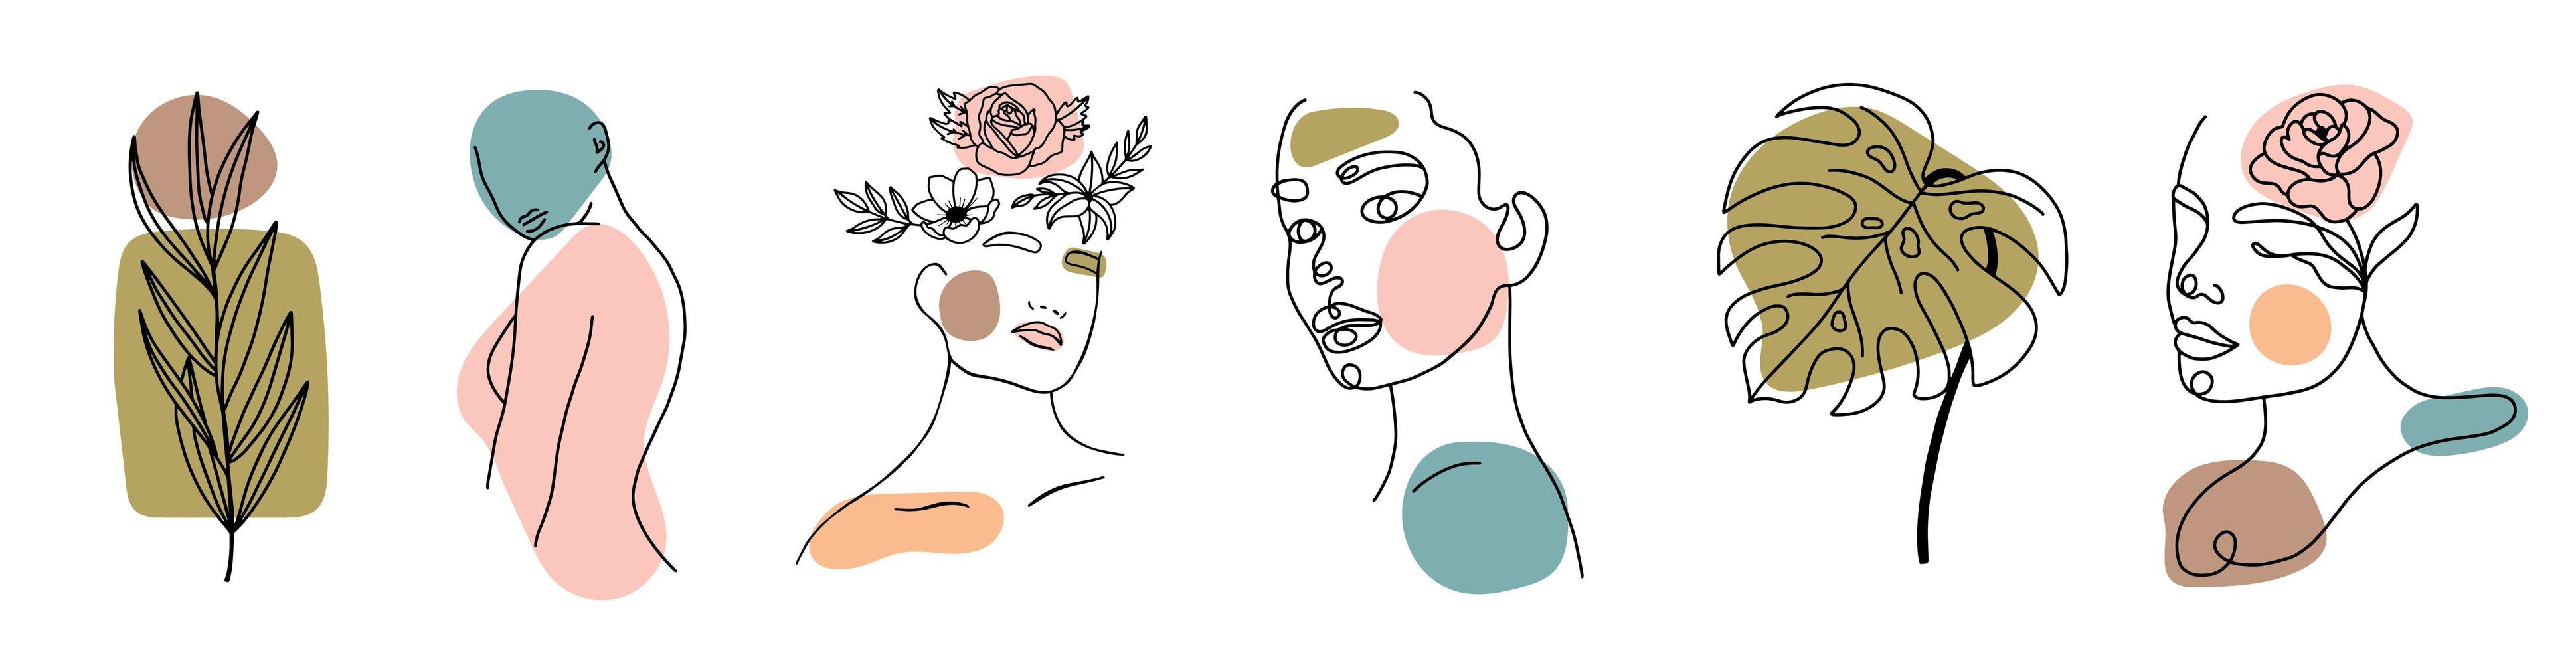 verschillende gezichten, bladeren en lichaam, abstracte vormen vector